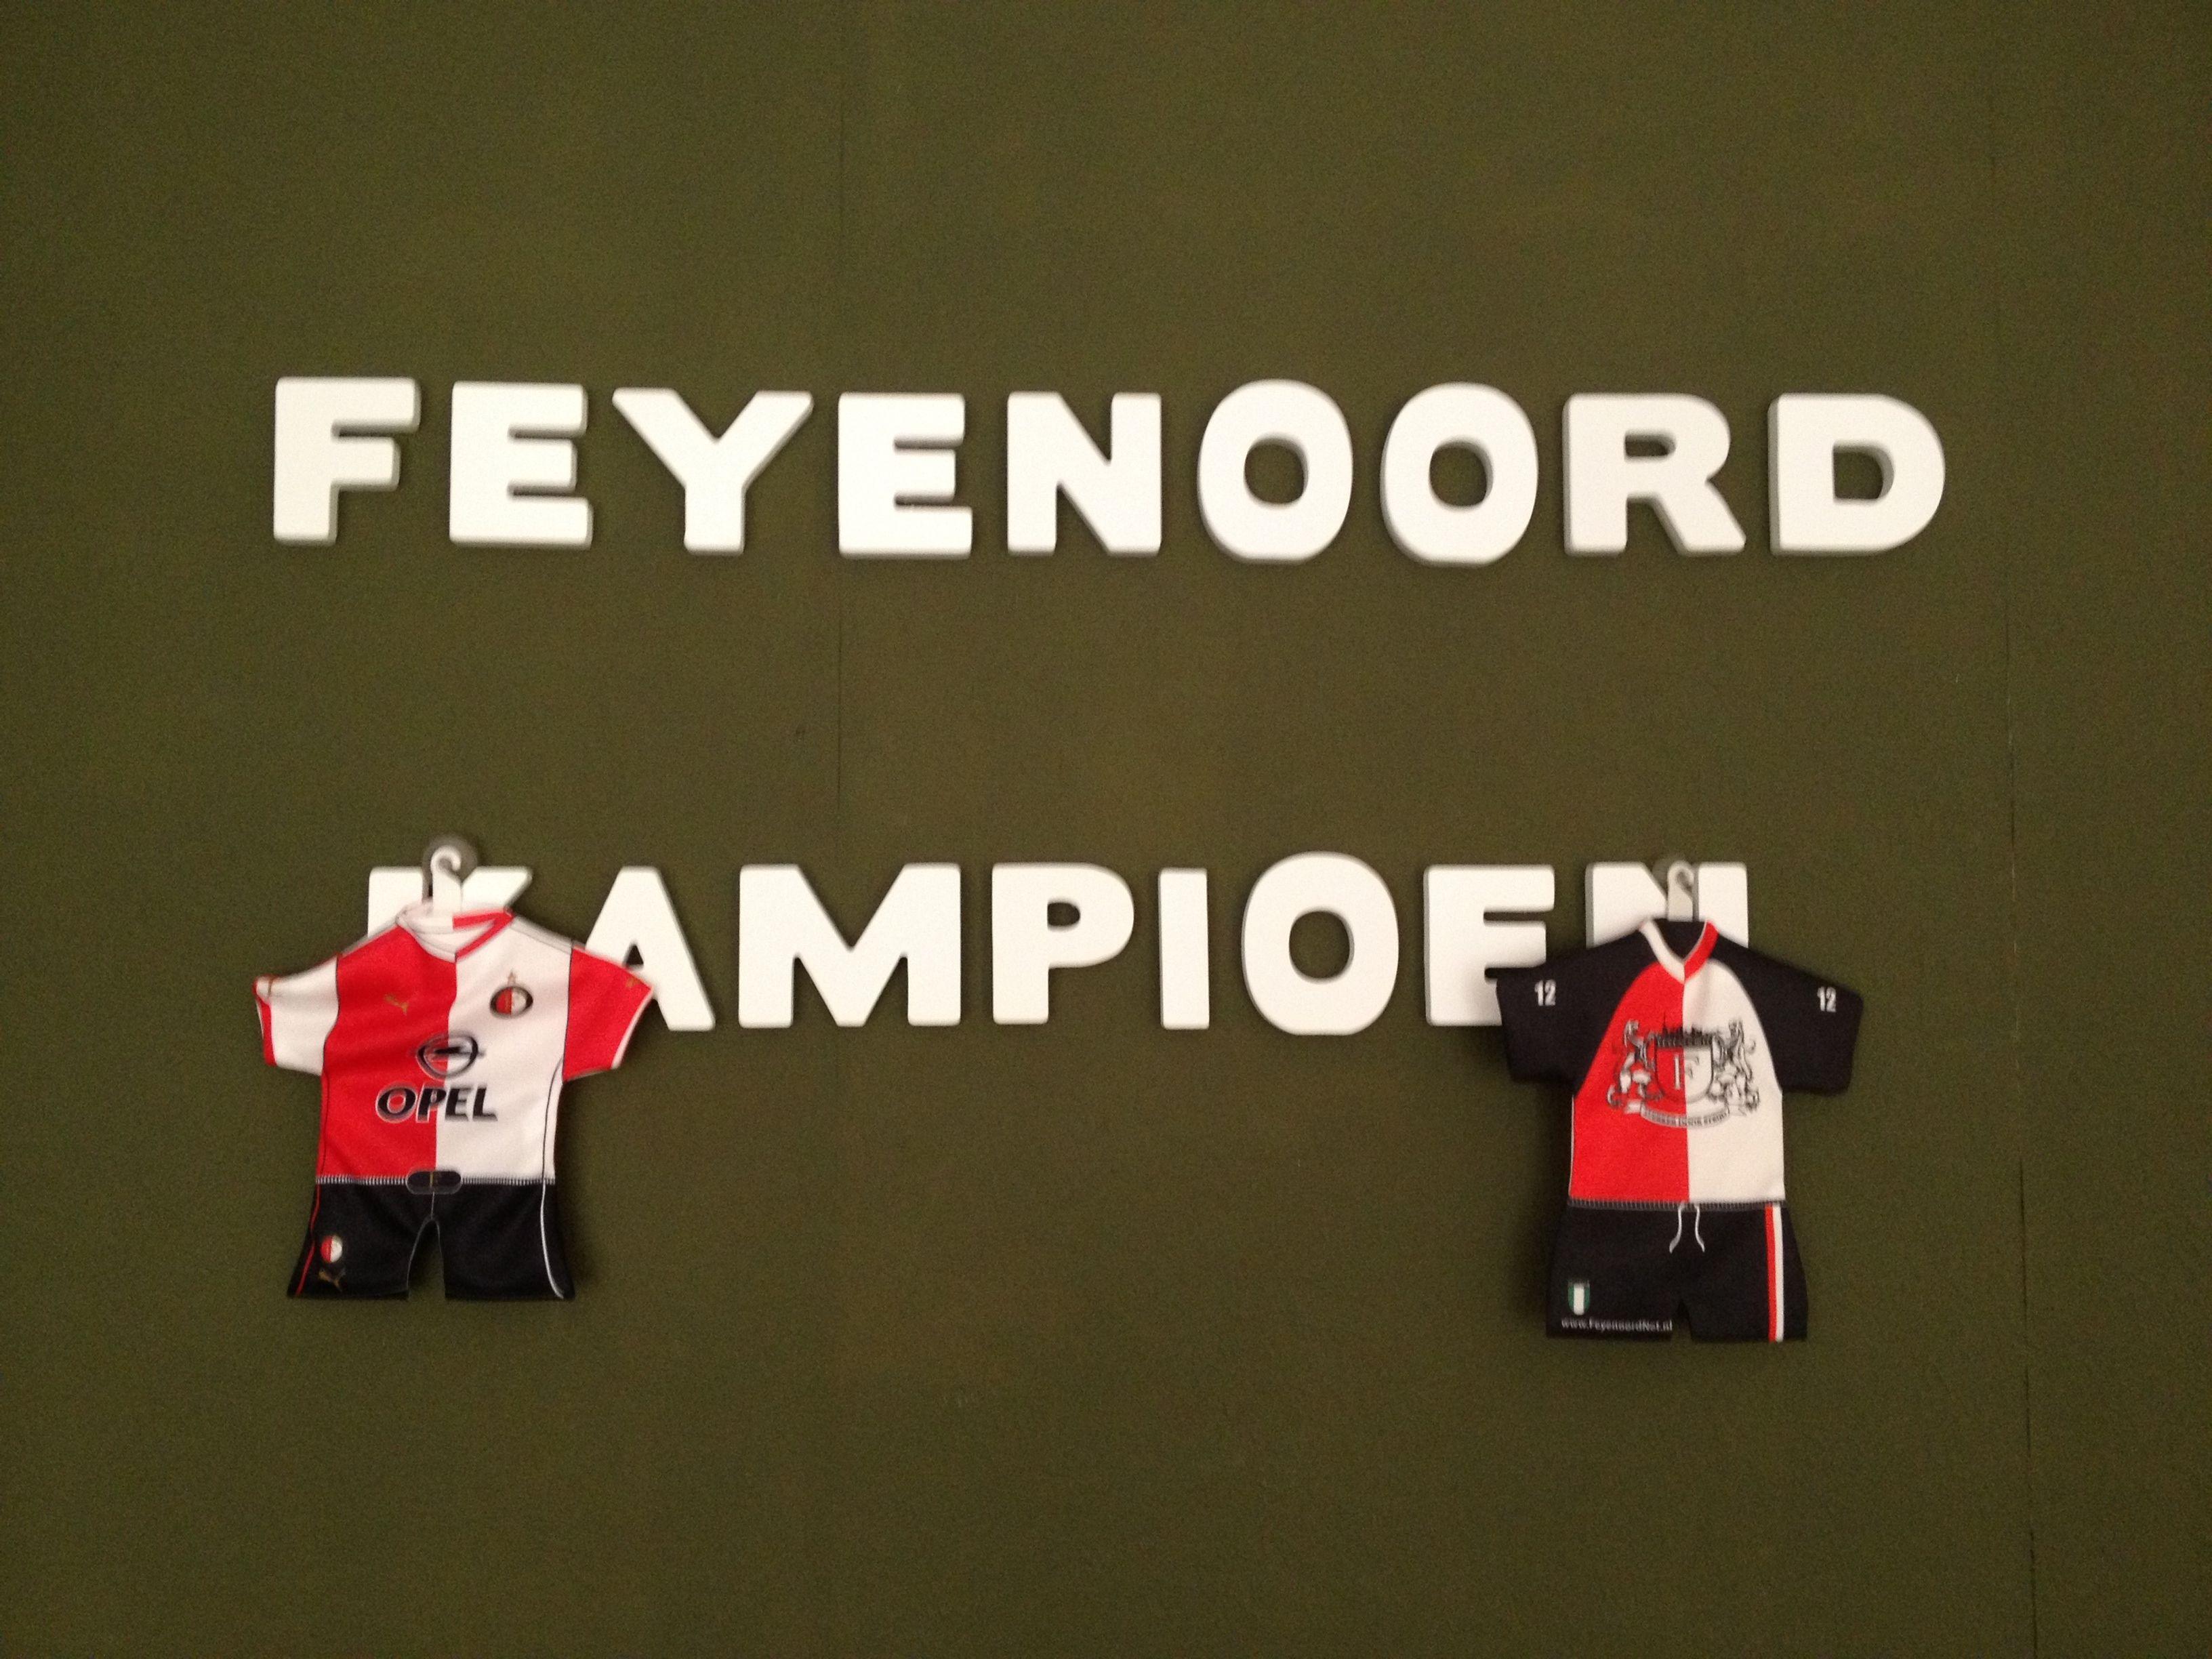 feyenoord slaapkamer : Feyenoord kampioen Slaapkamer Tim Pinterest